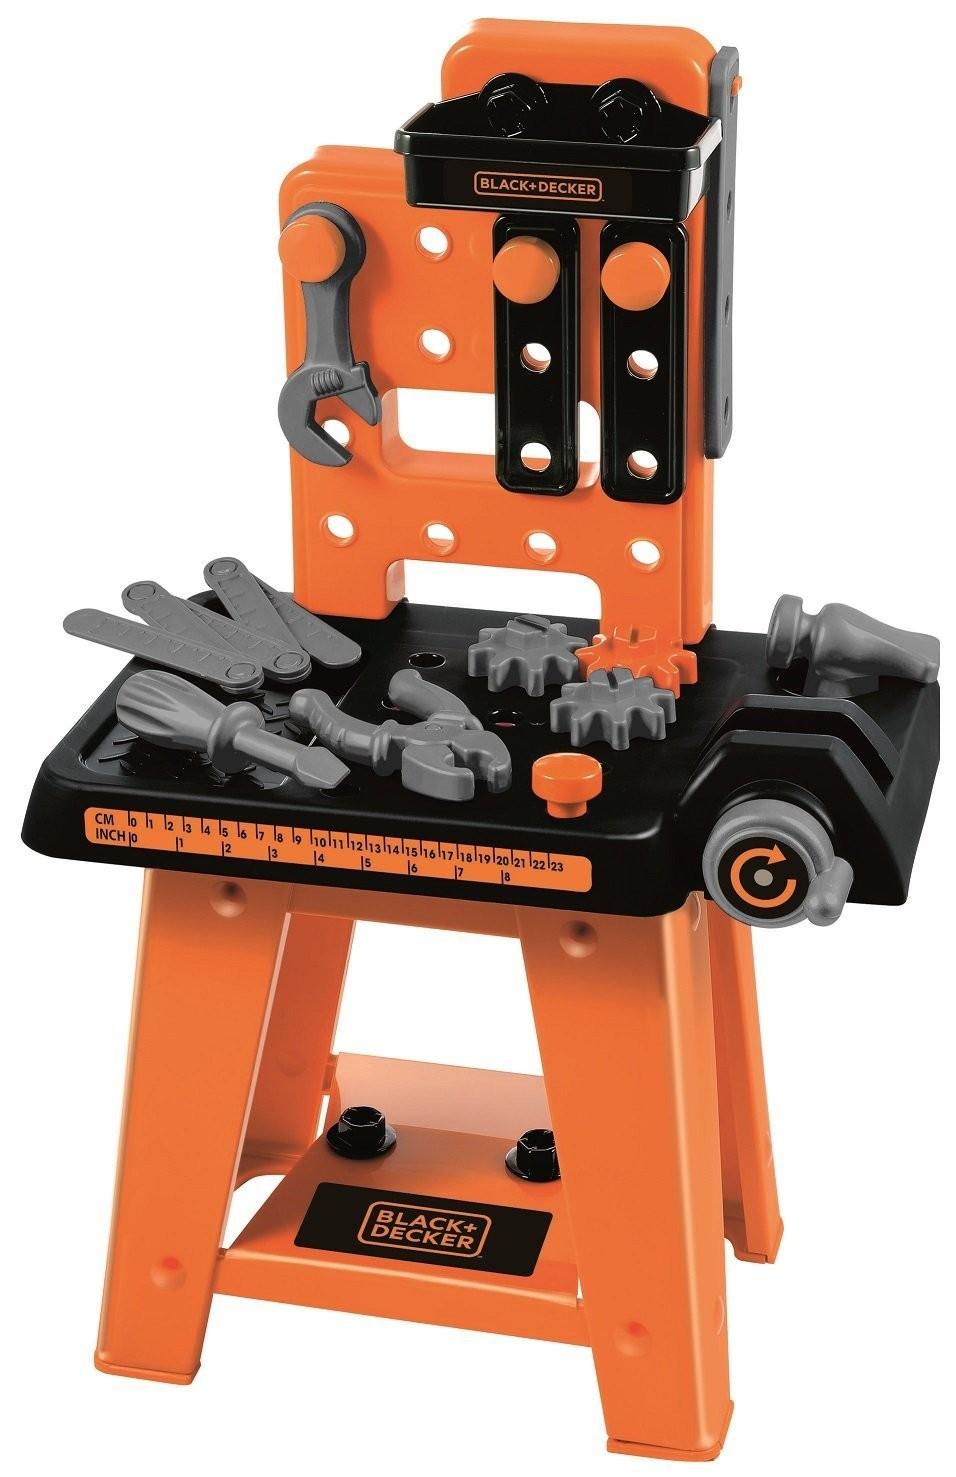 Black & Decker Spiel-Werkzeugbank